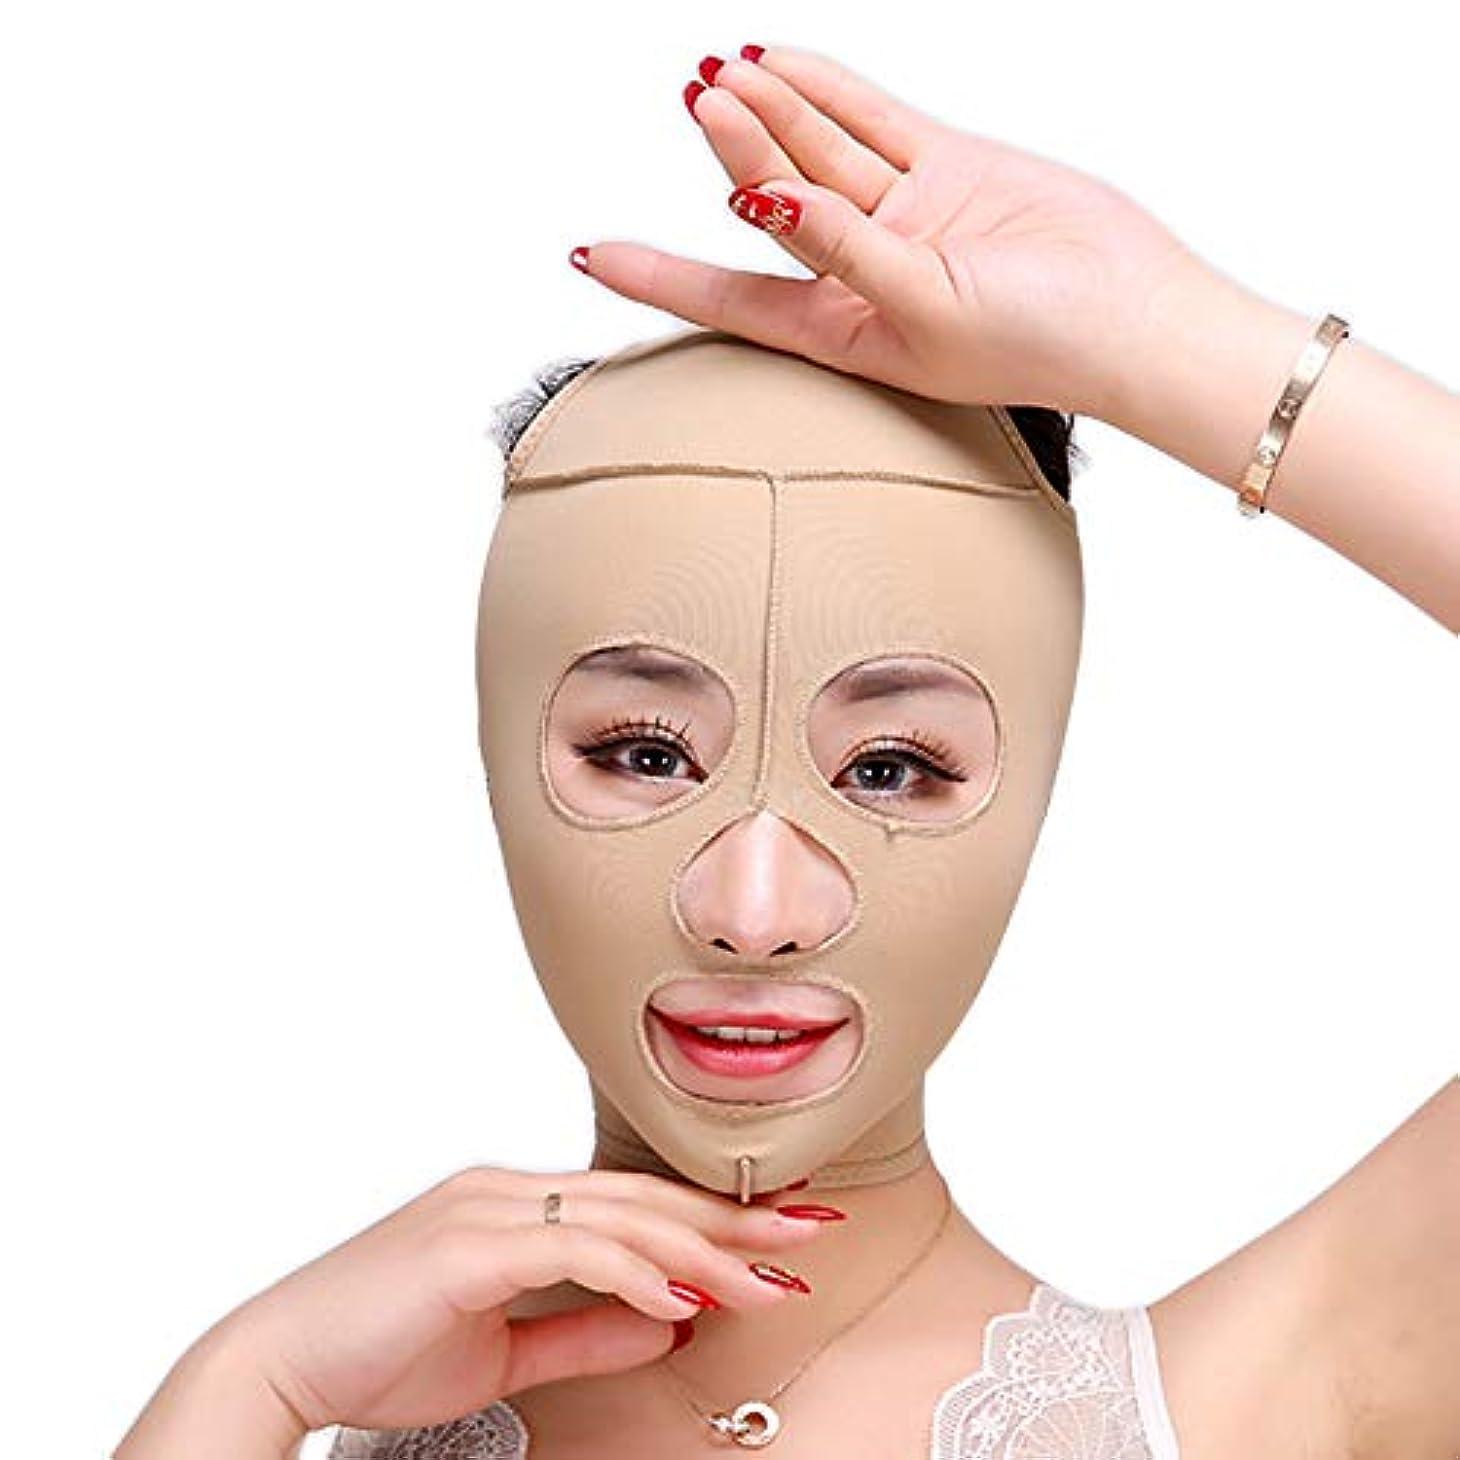 デイジー除外する質素な顔を細くするためのフェイスリフトフルマスク、抗シワグルーミングレジューサスキン引き締めフェイシャルケアフェイスベルト,L